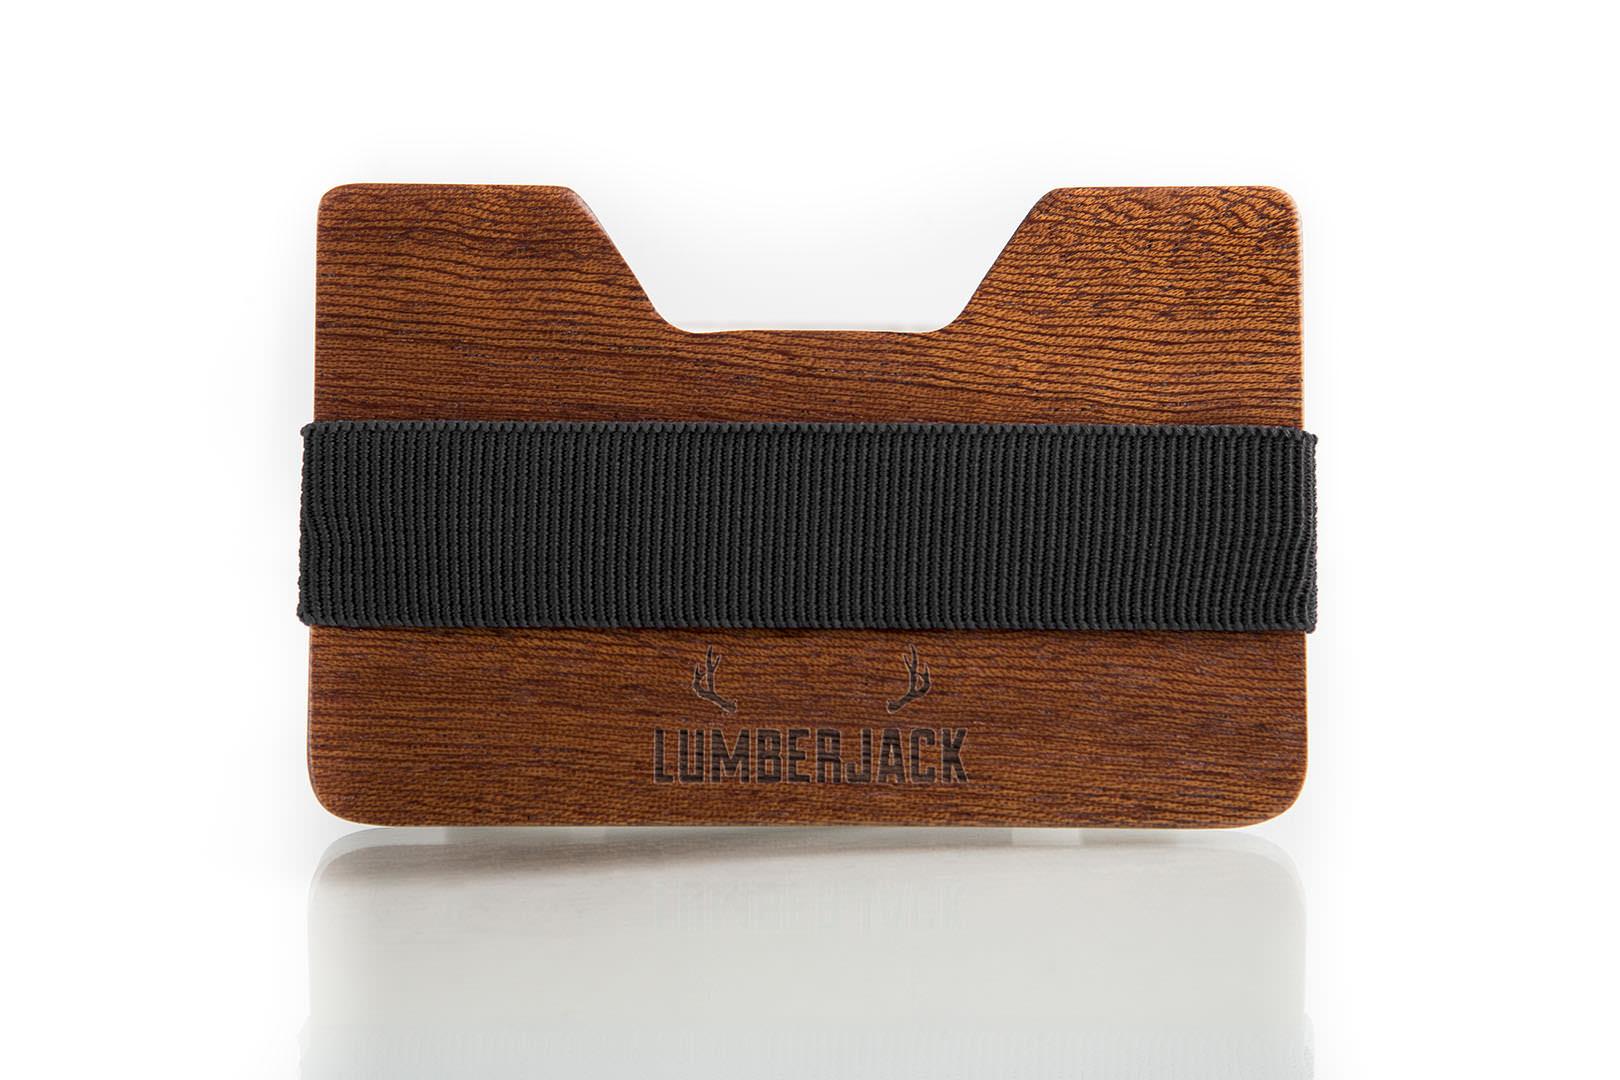 lumberjack_wallet_02